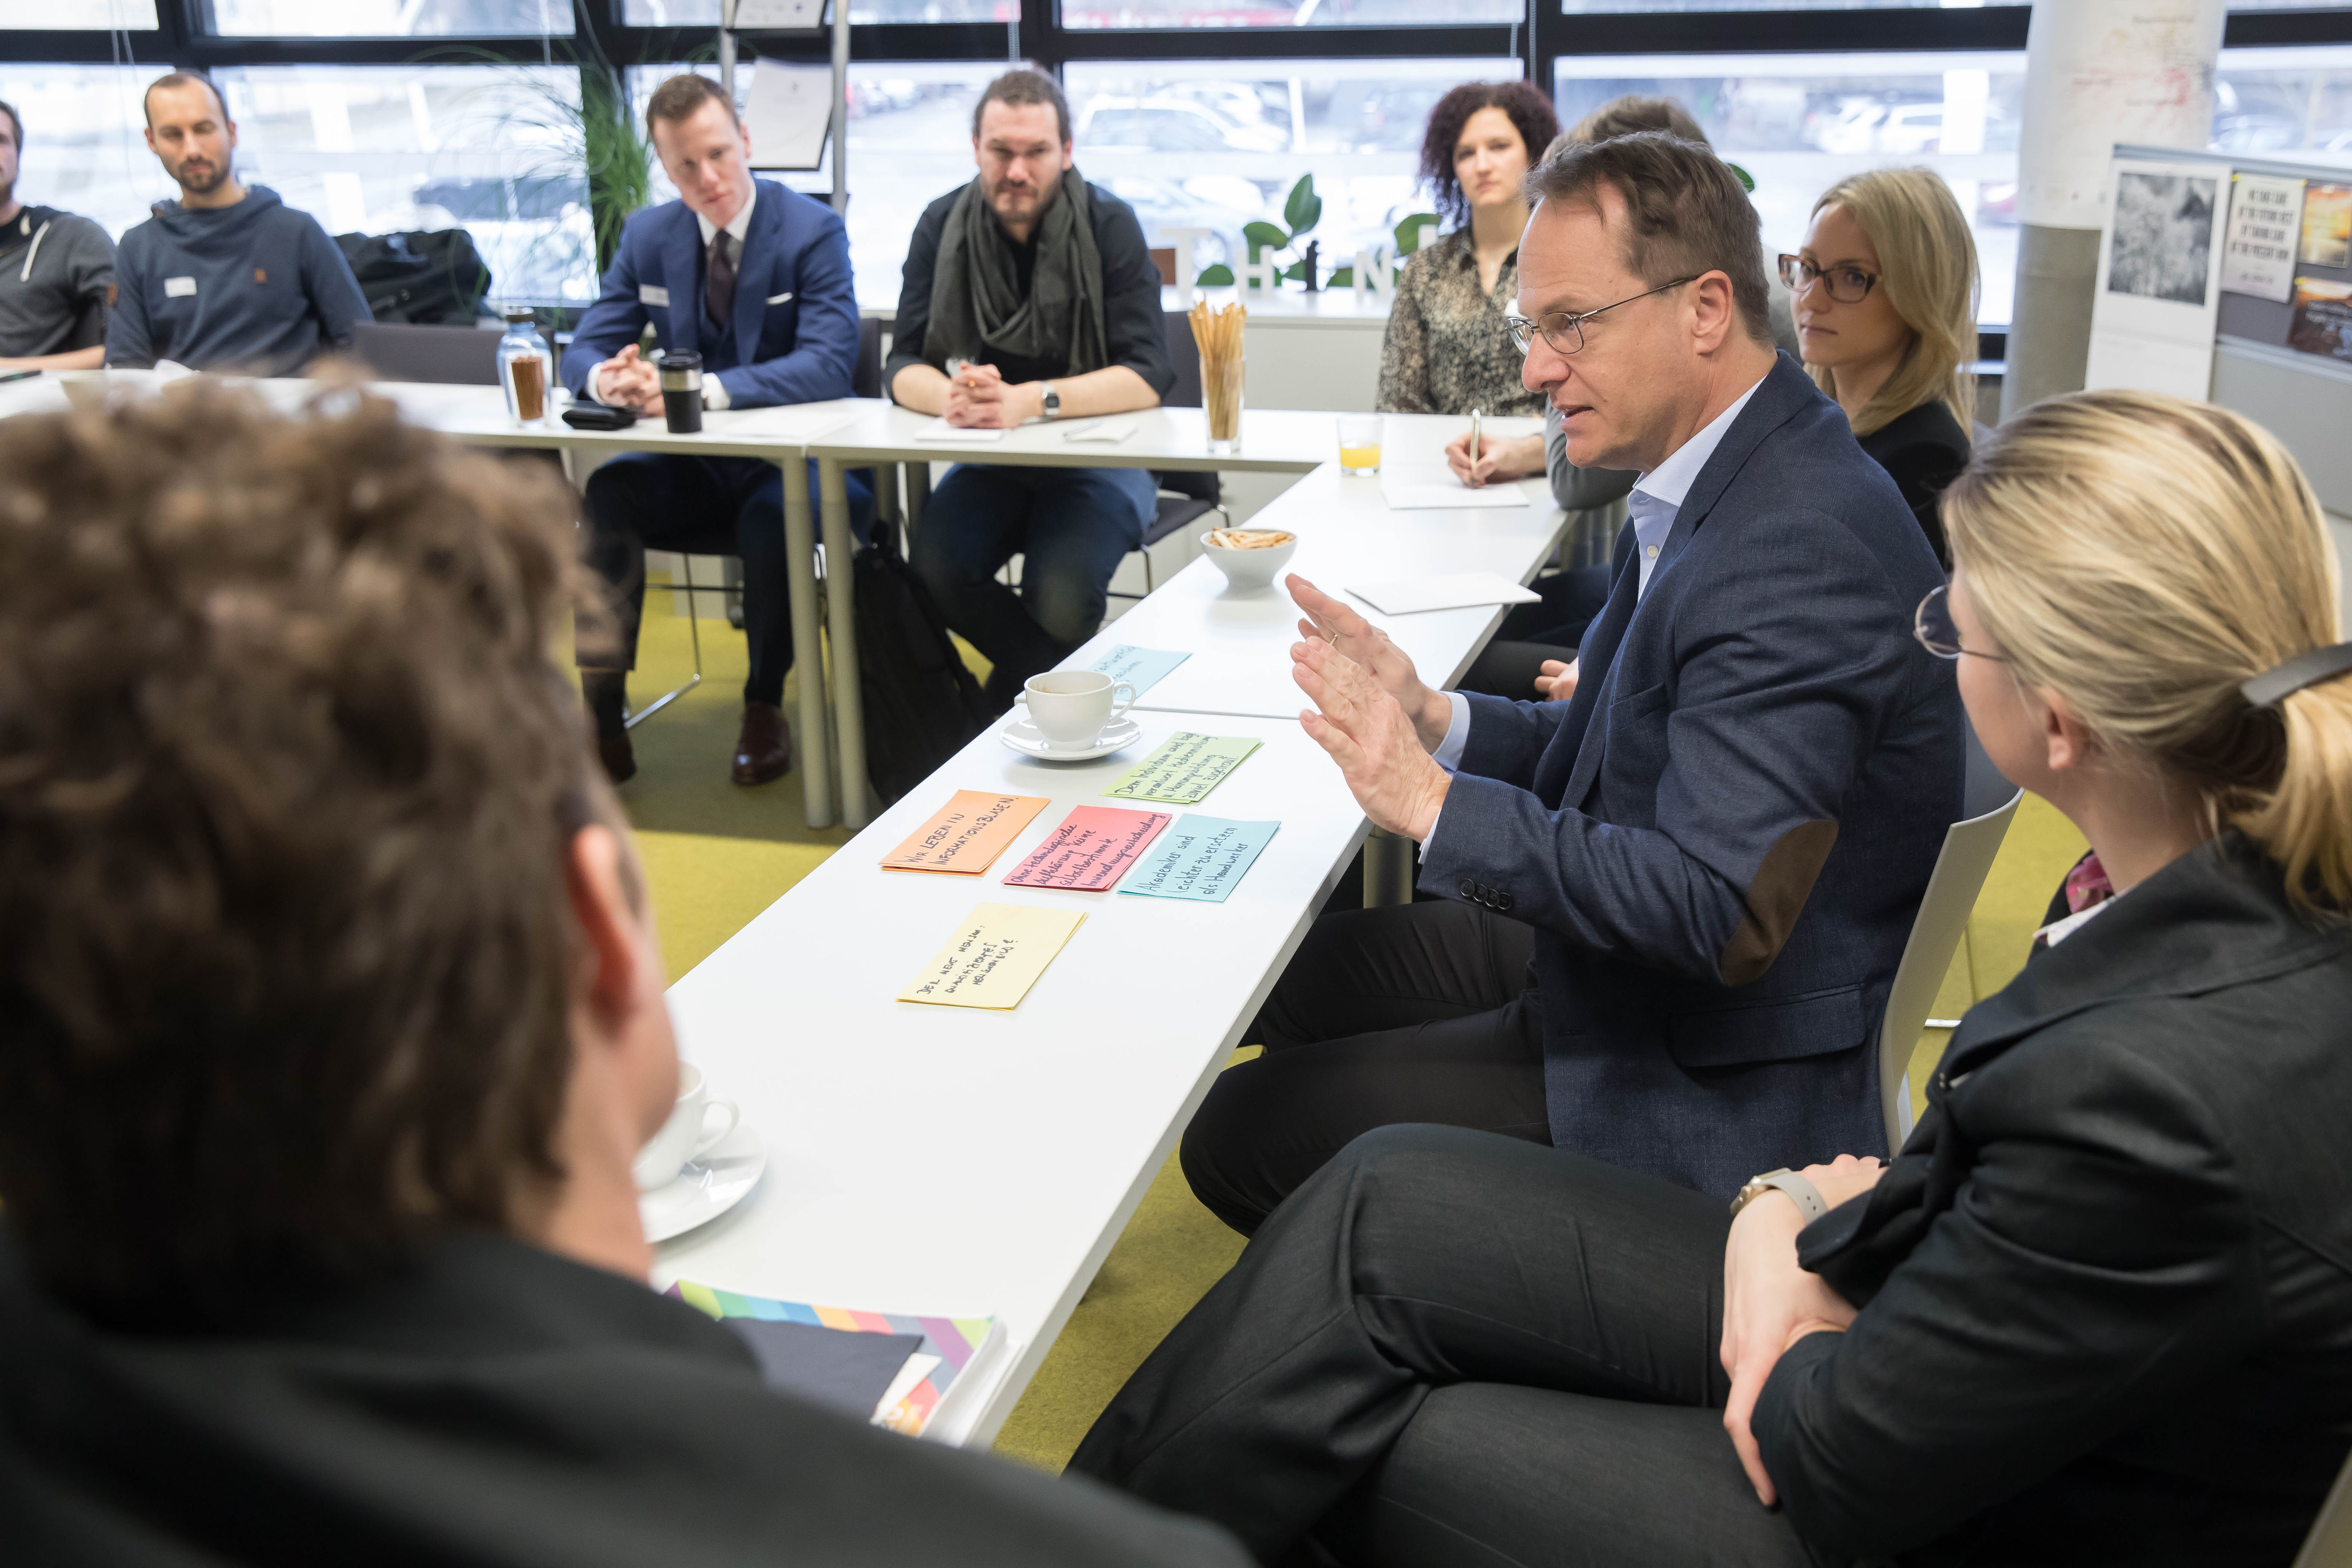 Foto 3: Studierende und Markus Hengstschläger bei den Diskussionen in der ACADEMIA SUPERIOR